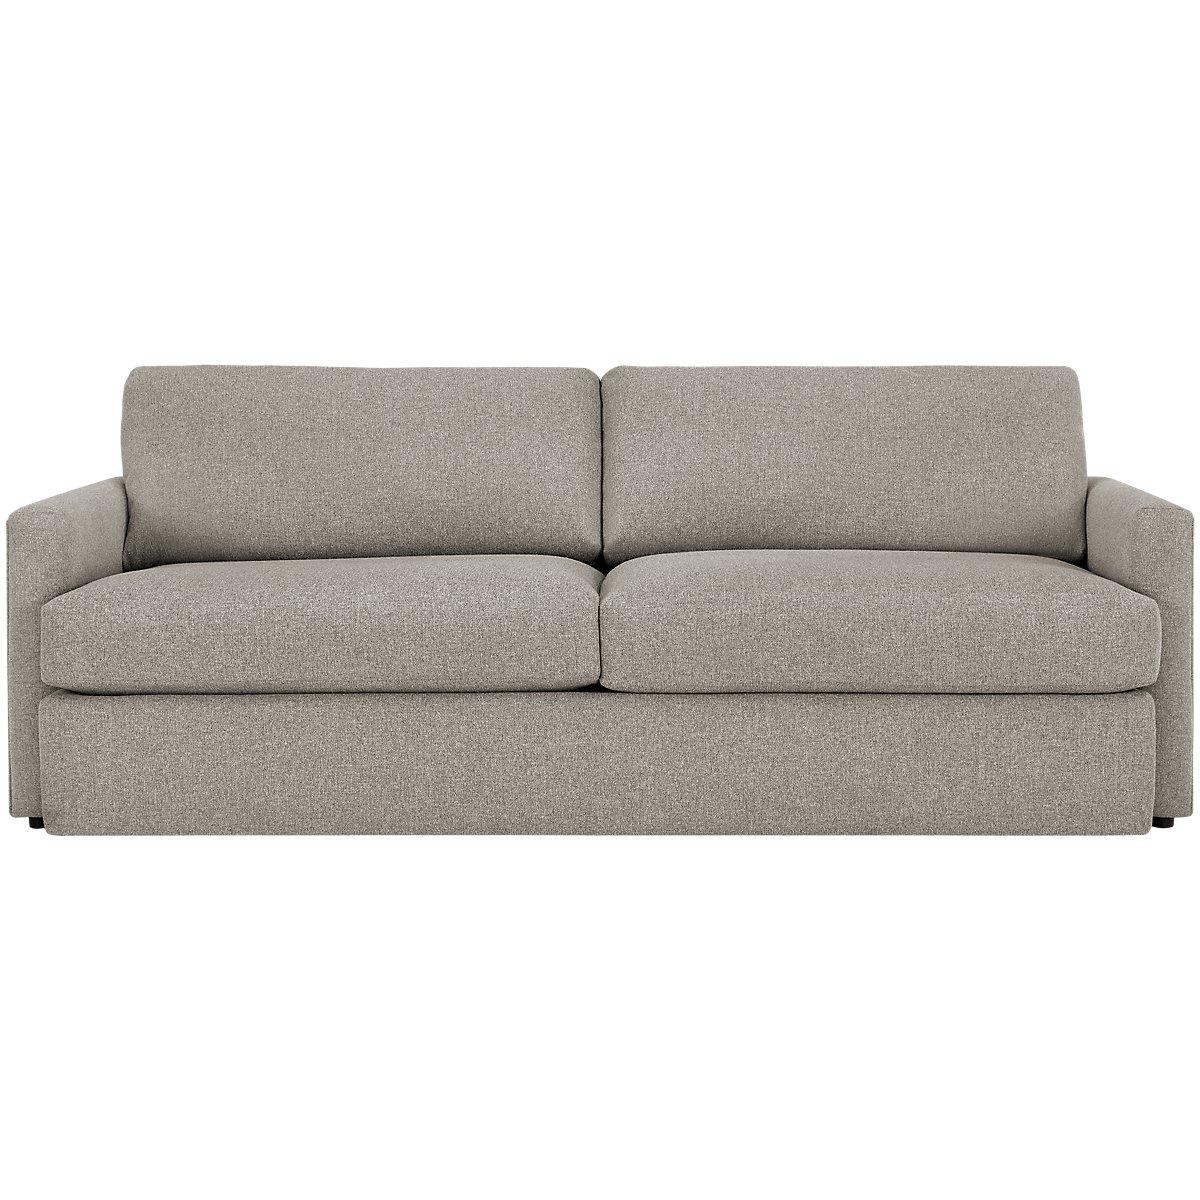 Noah Khaki Fabric Sofa